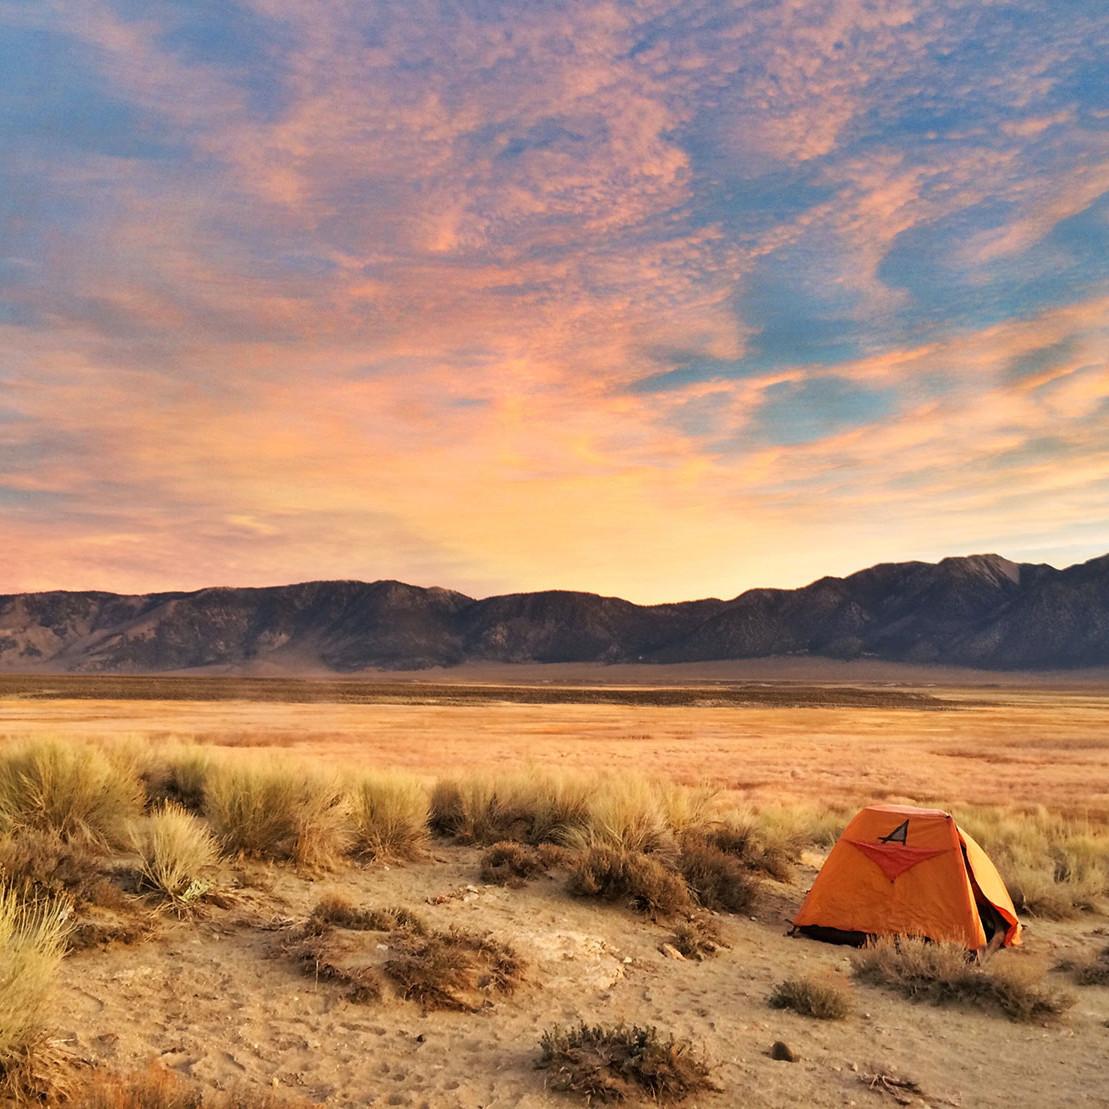 rylee-owens---dawn-patrol---camptrend